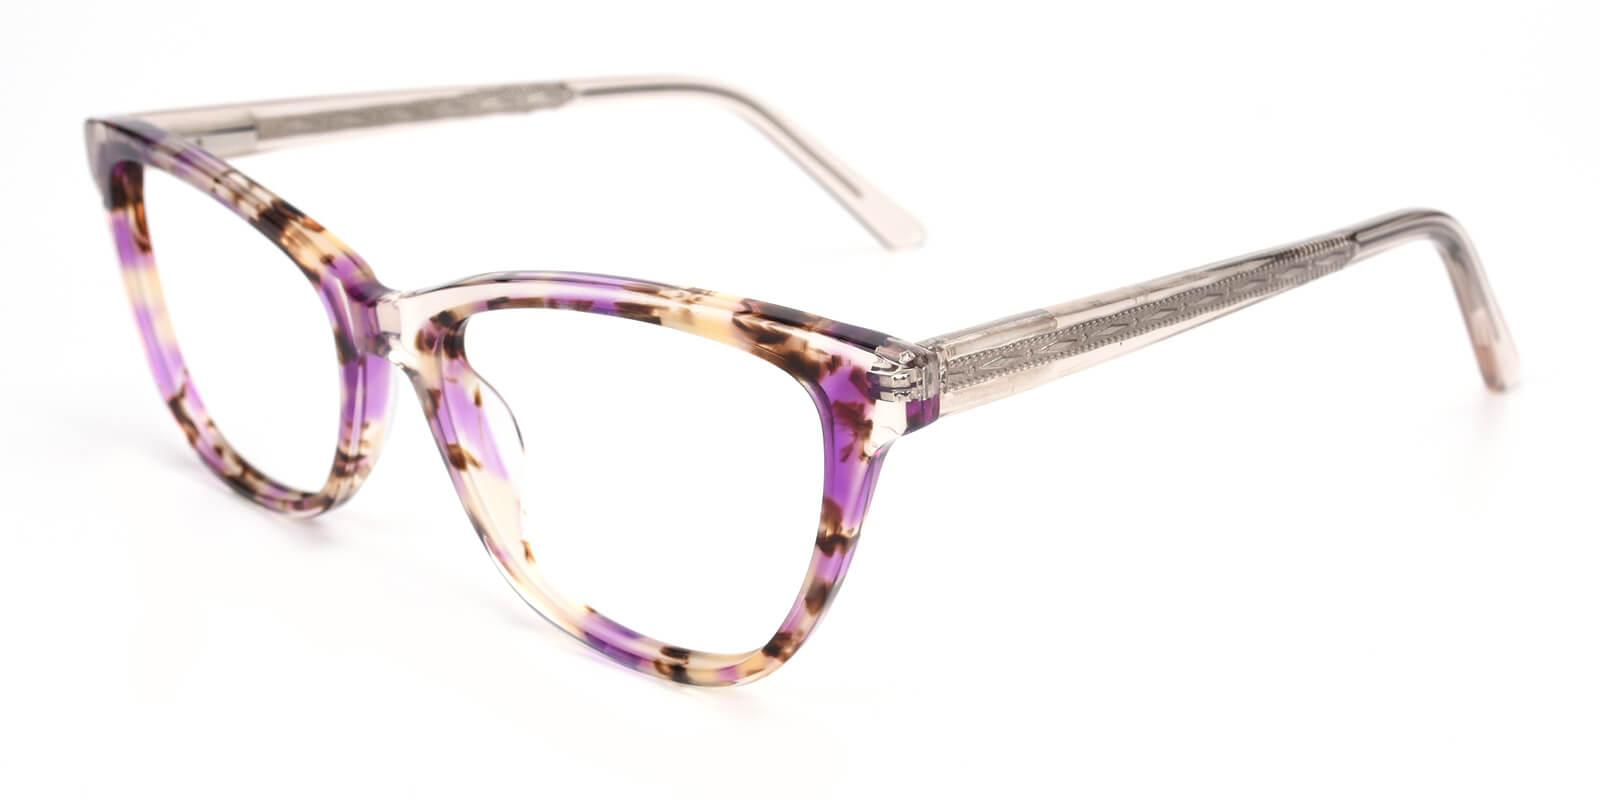 Evangeline-Purple-Cat-Acetate-Eyeglasses-additional1